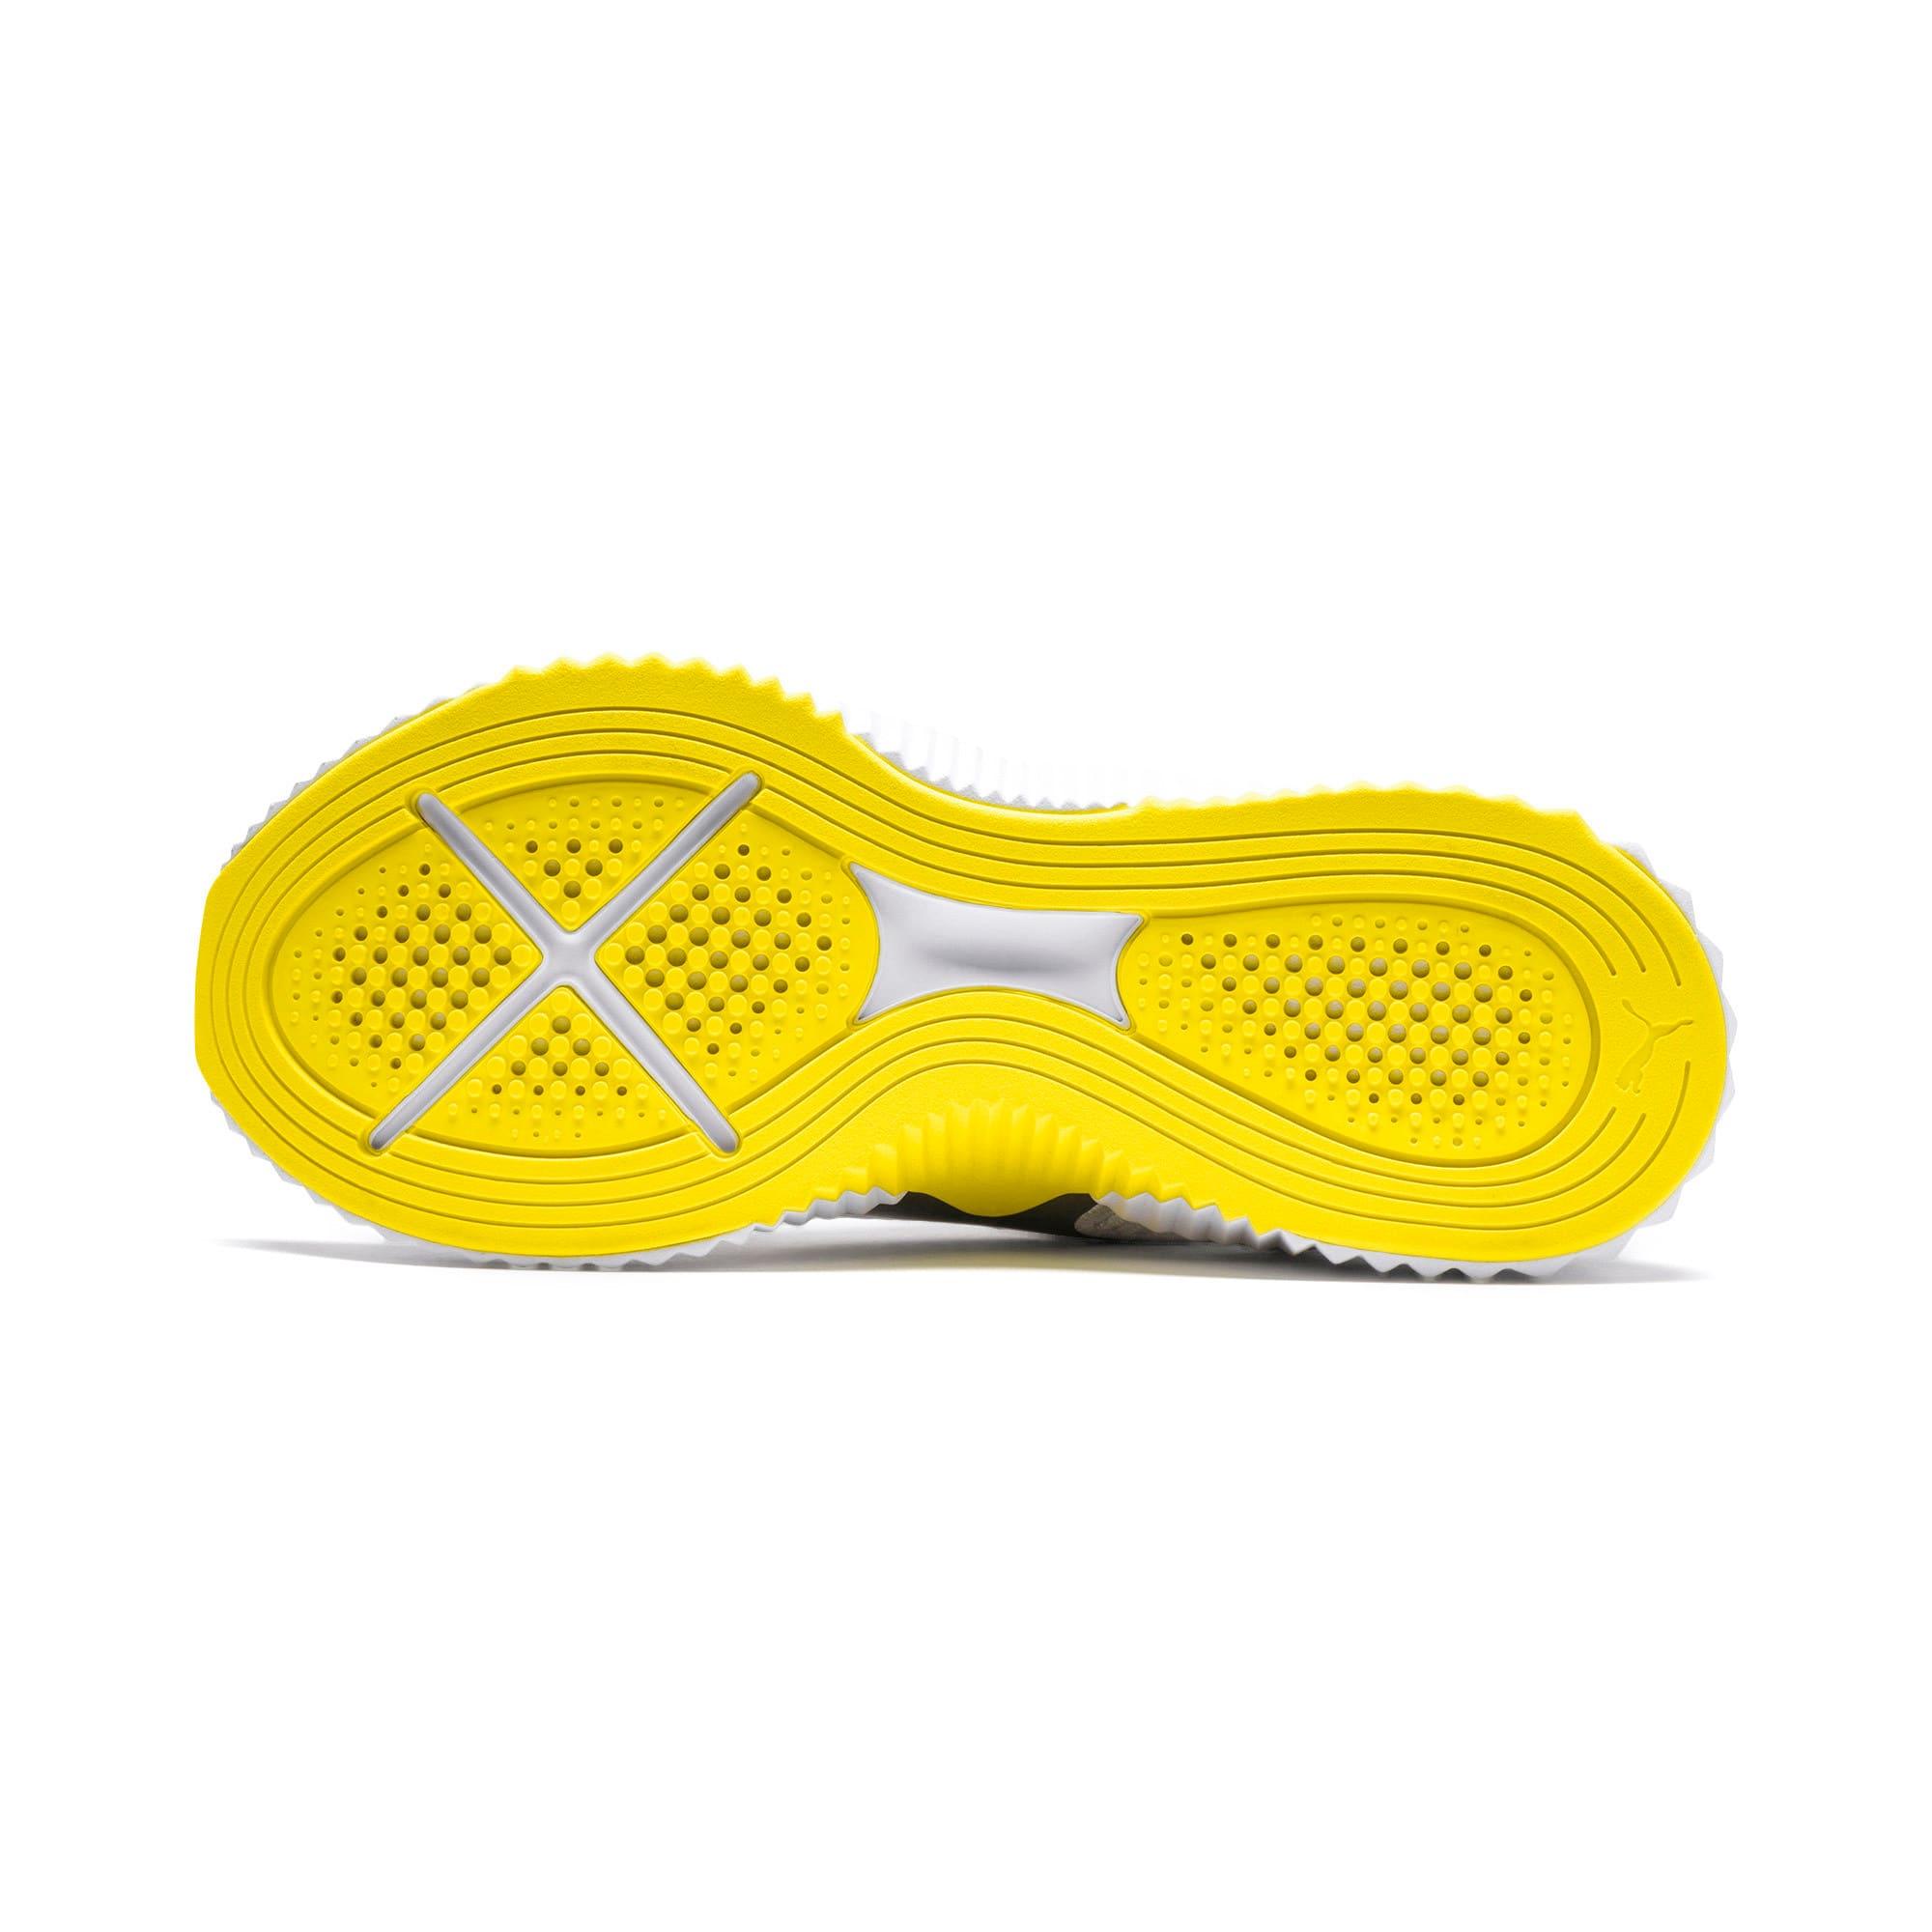 Thumbnail 5 of Defy Trailblazer Women's Training Shoes, Puma White-Blazing Yellow, medium